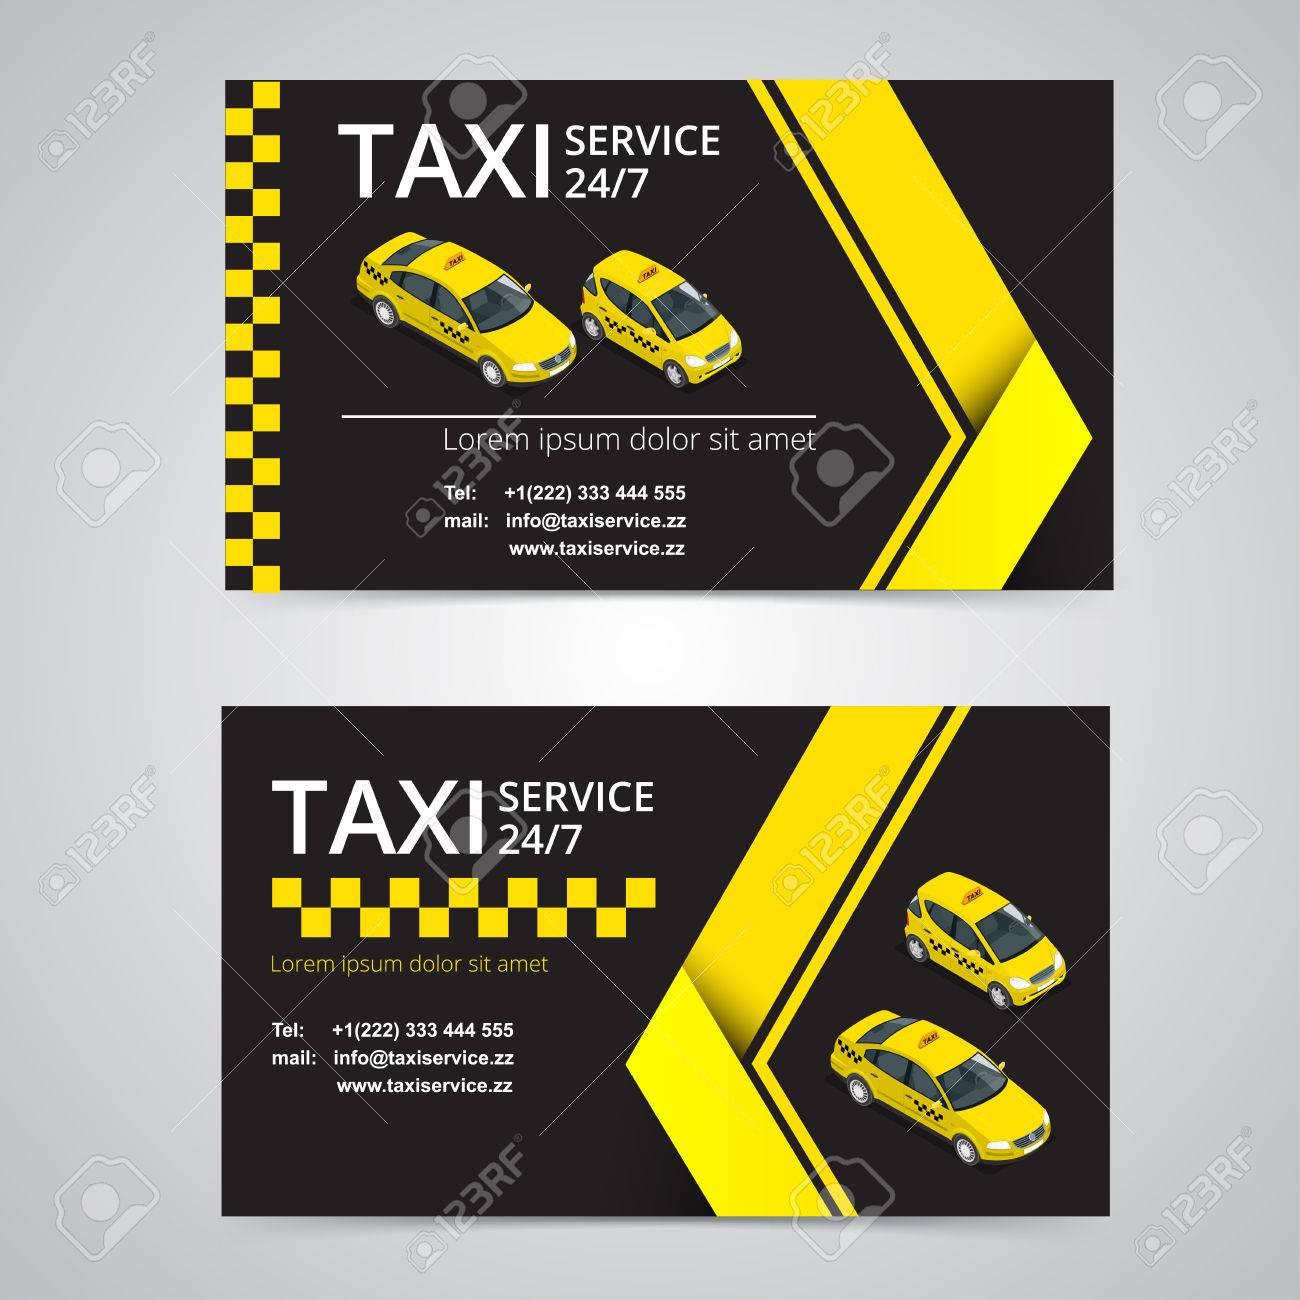 Carte De Taxi Pour Les Chauffeurs Service Modle Visite Vecteur Socit Marque Image Identit Logo